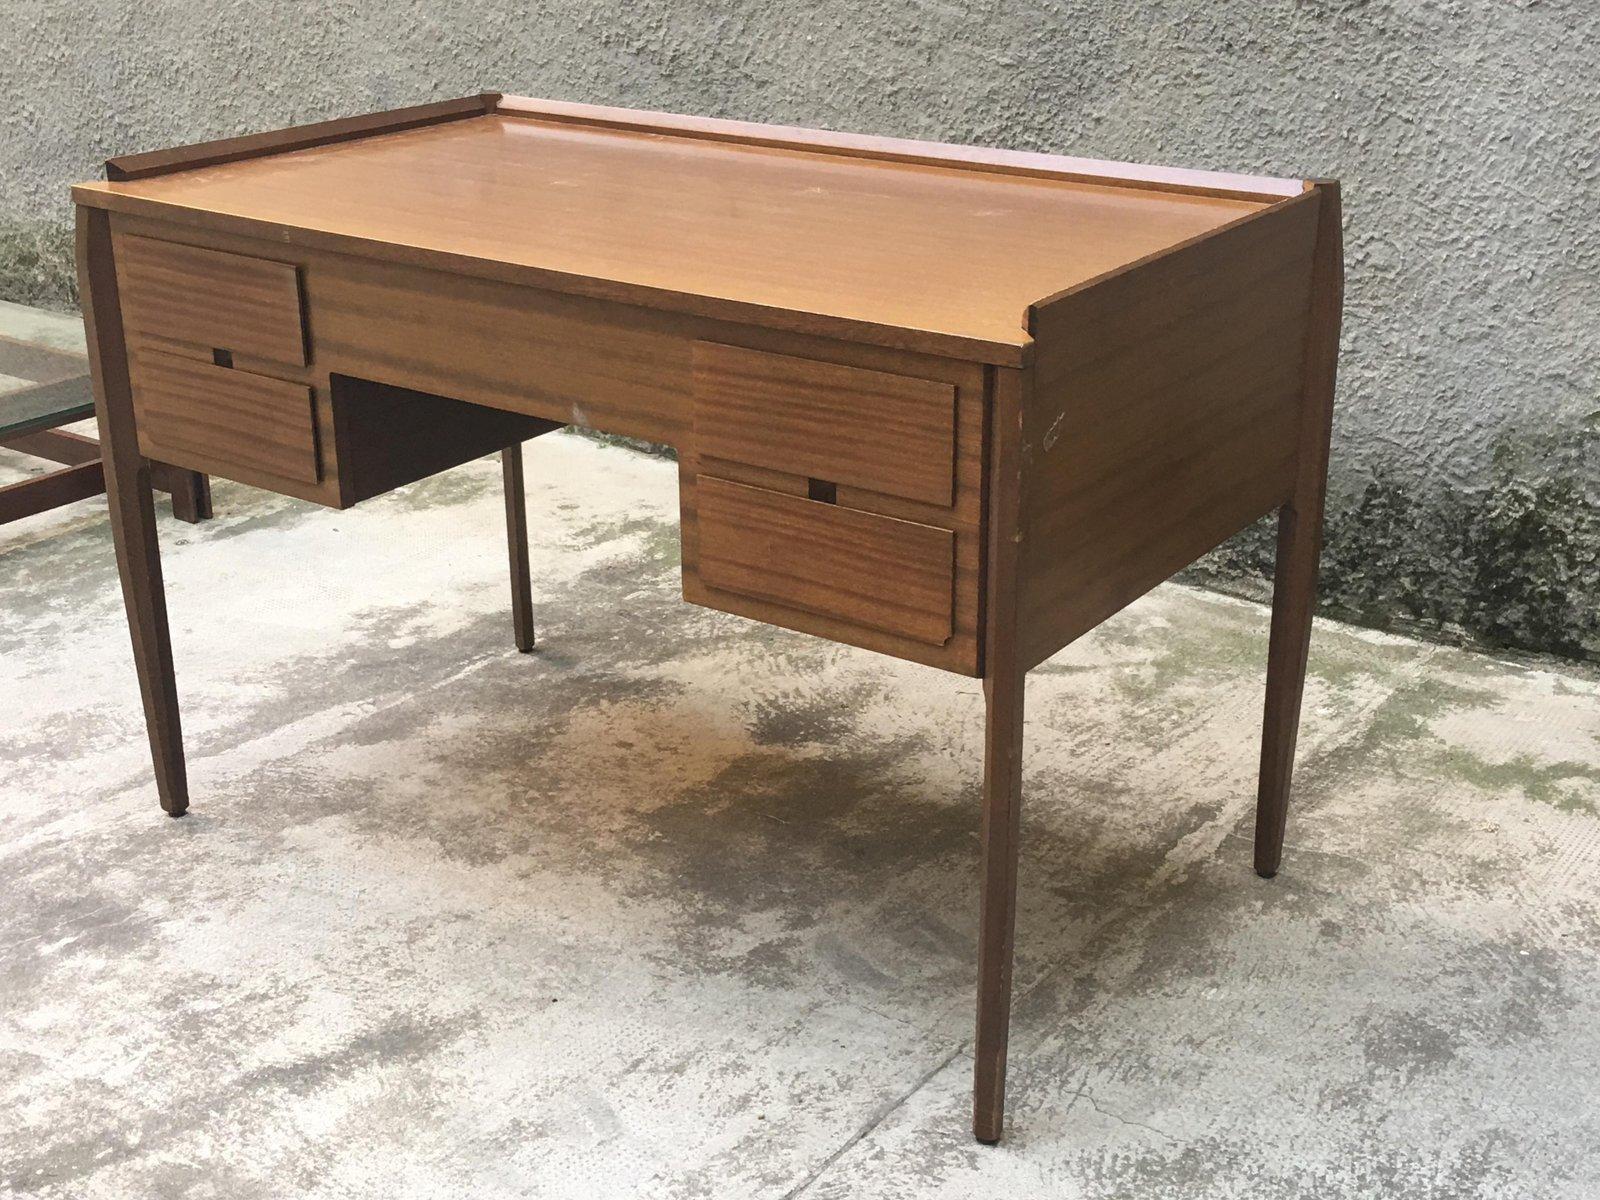 kleiner italienischer vintage schreibtisch mit stuhl bei. Black Bedroom Furniture Sets. Home Design Ideas